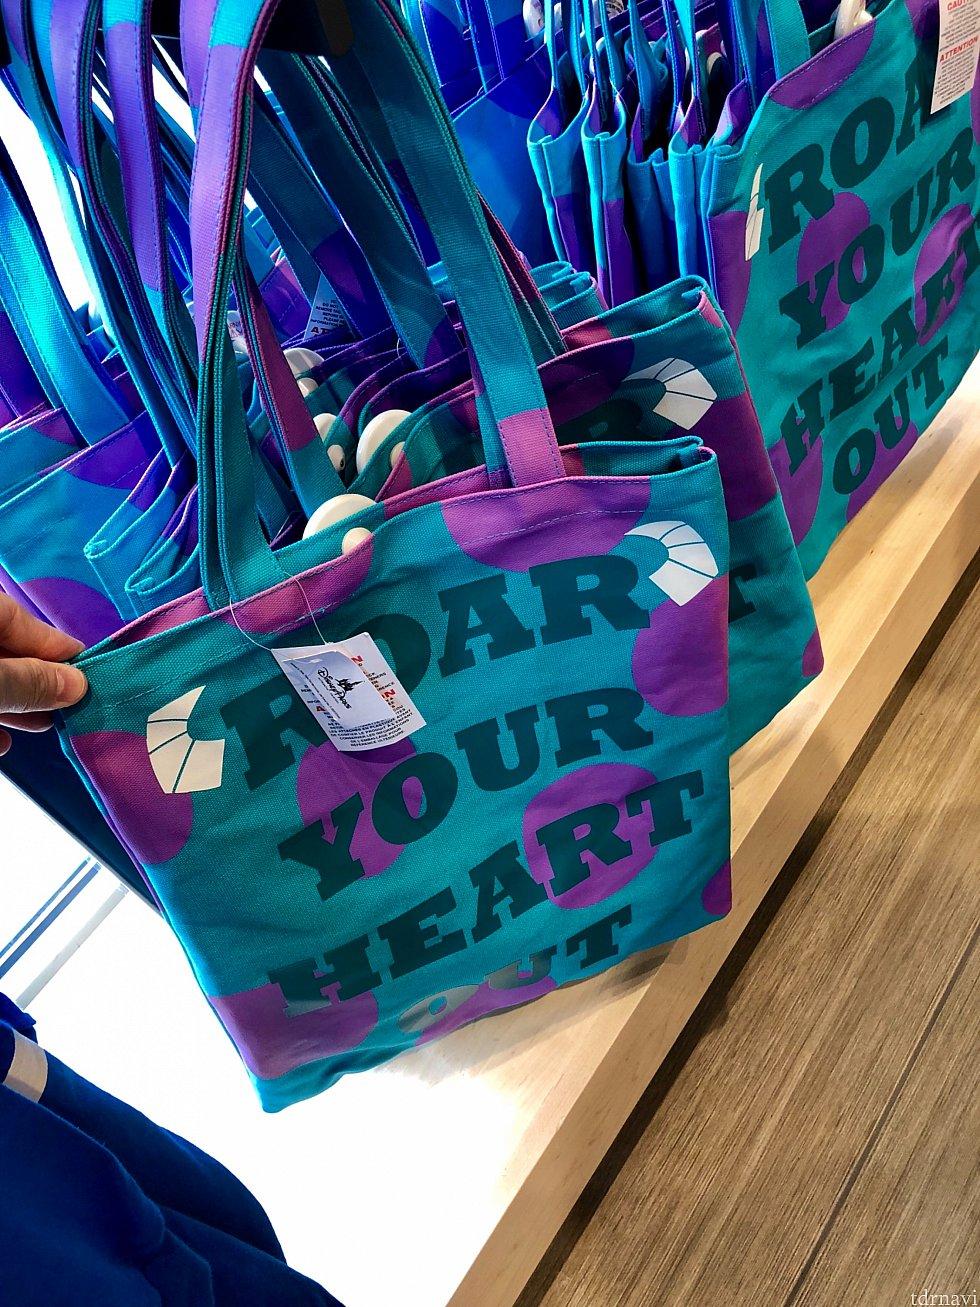 サリー柄のバッグもインパクトありますよね!$19.99